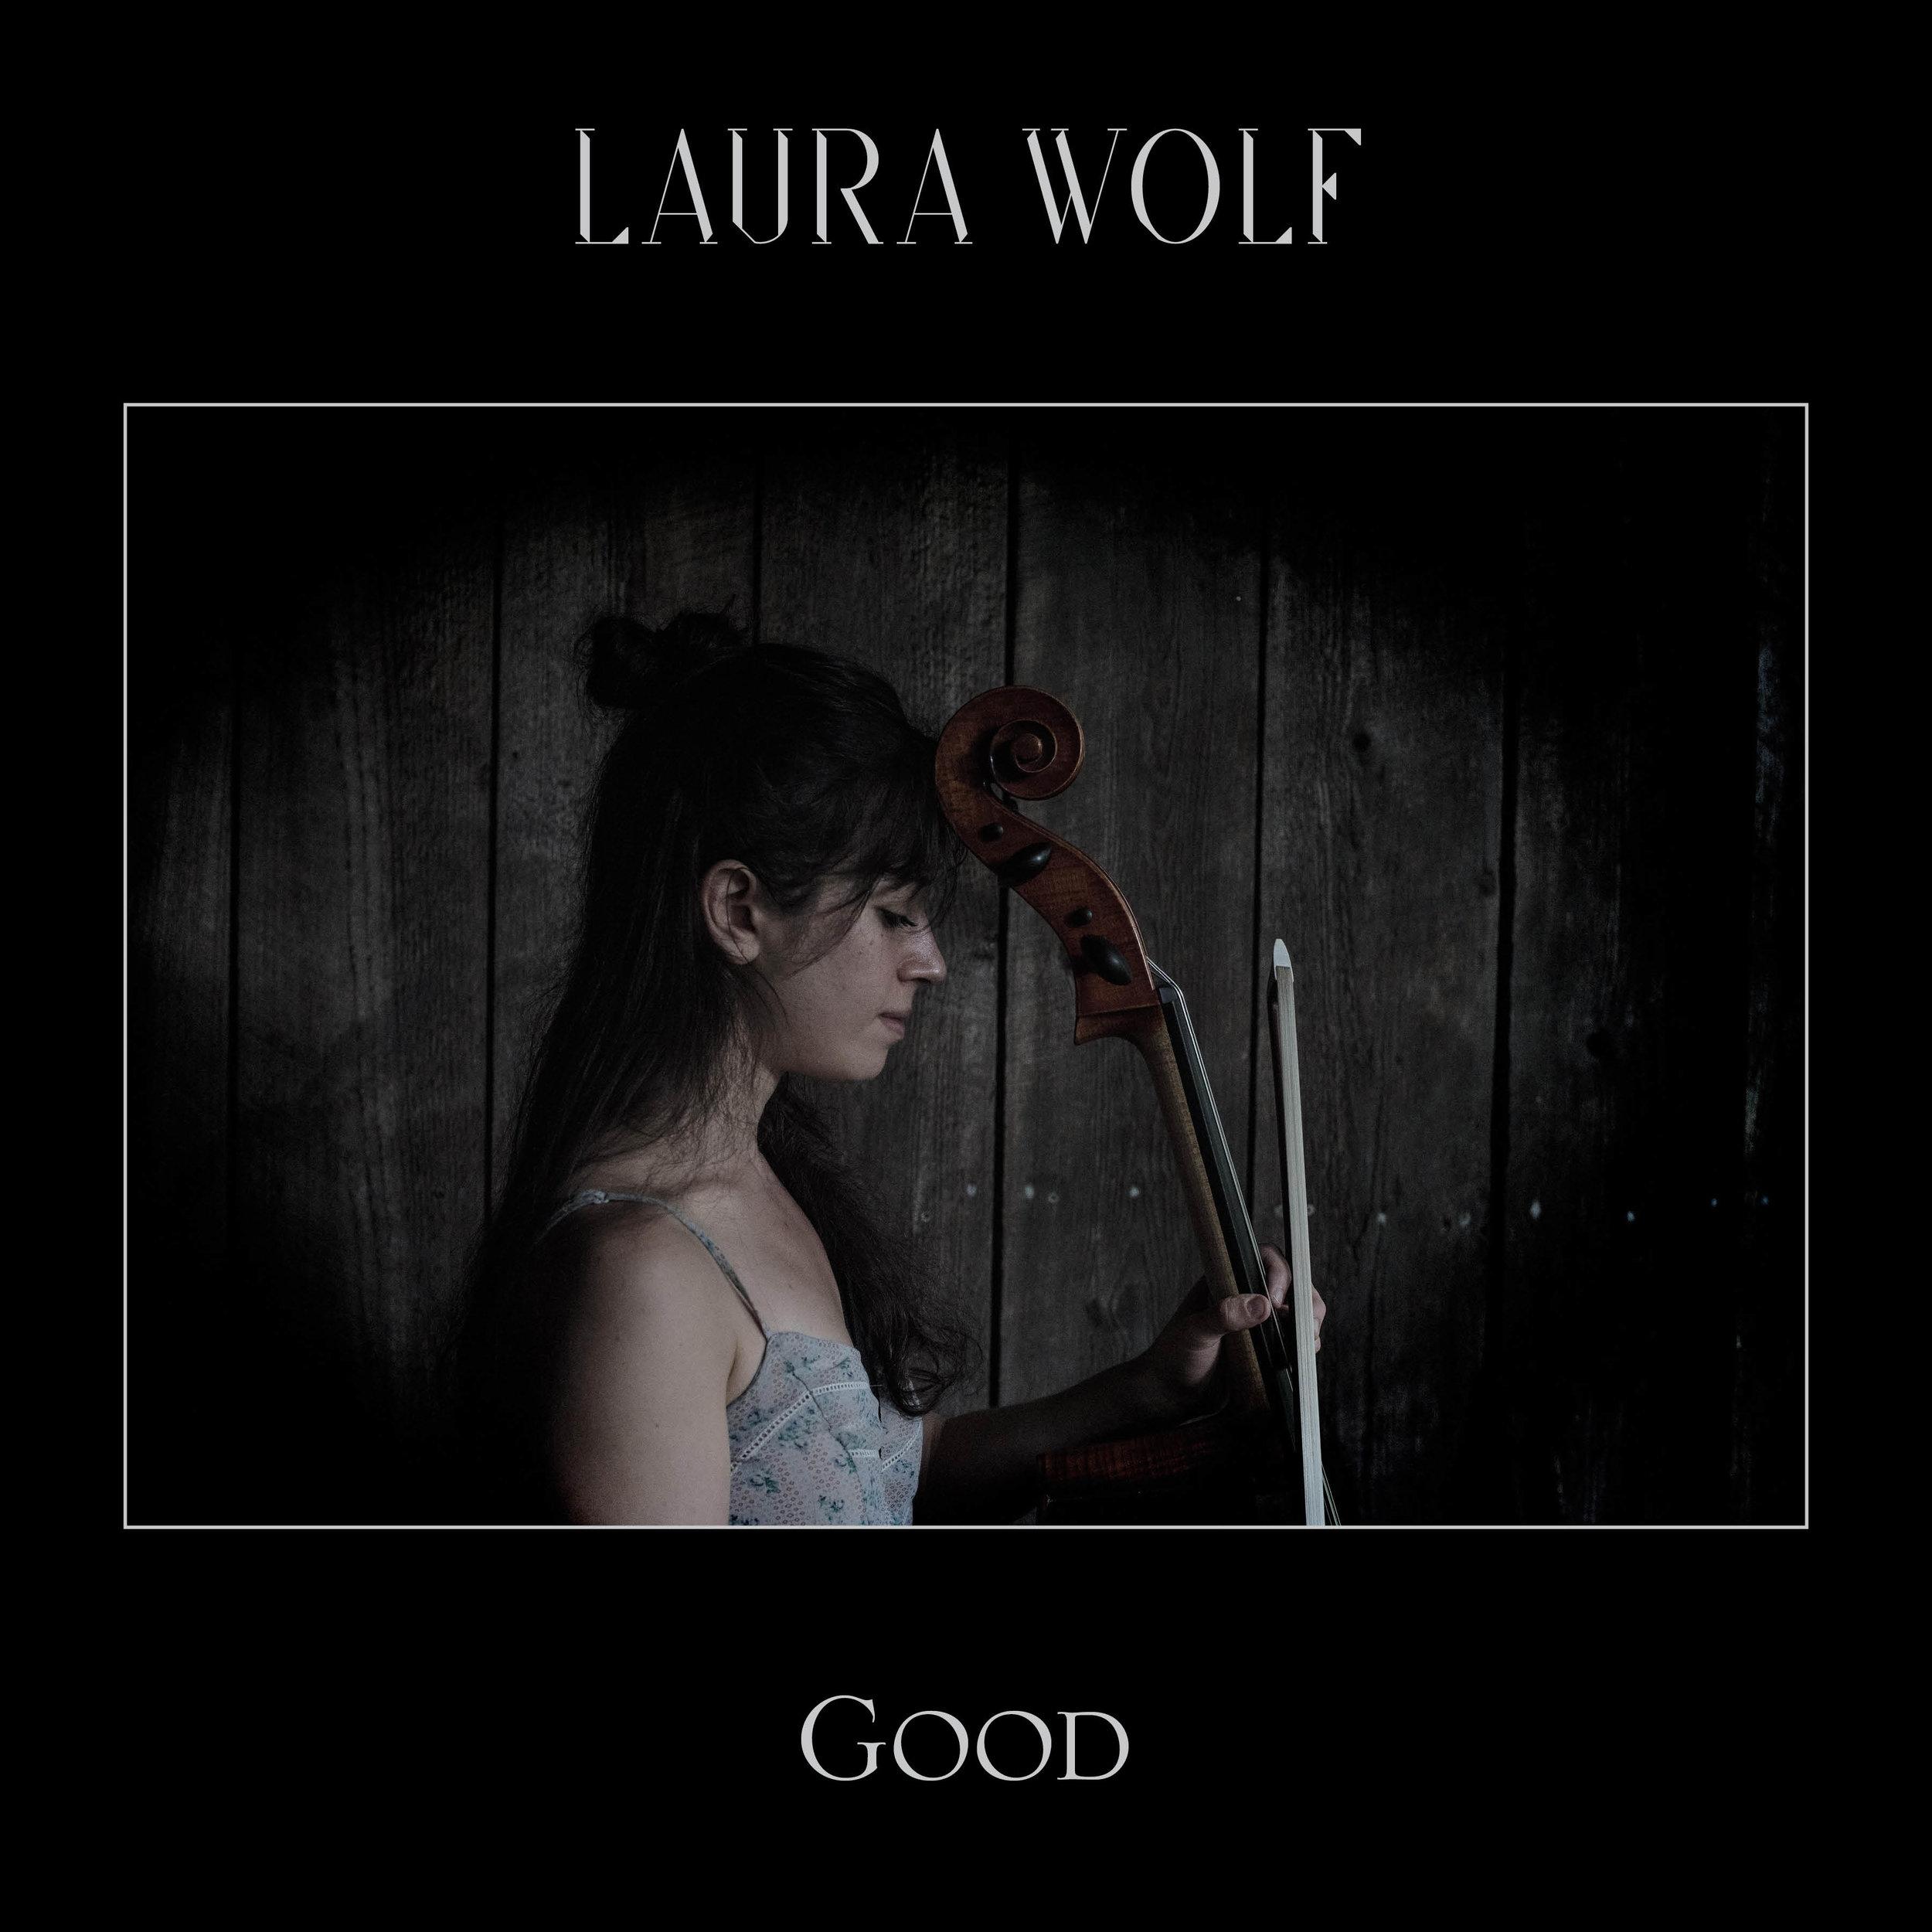 Laura Wolf_GOOD SINGLE_Final_CC lighter title.jpg